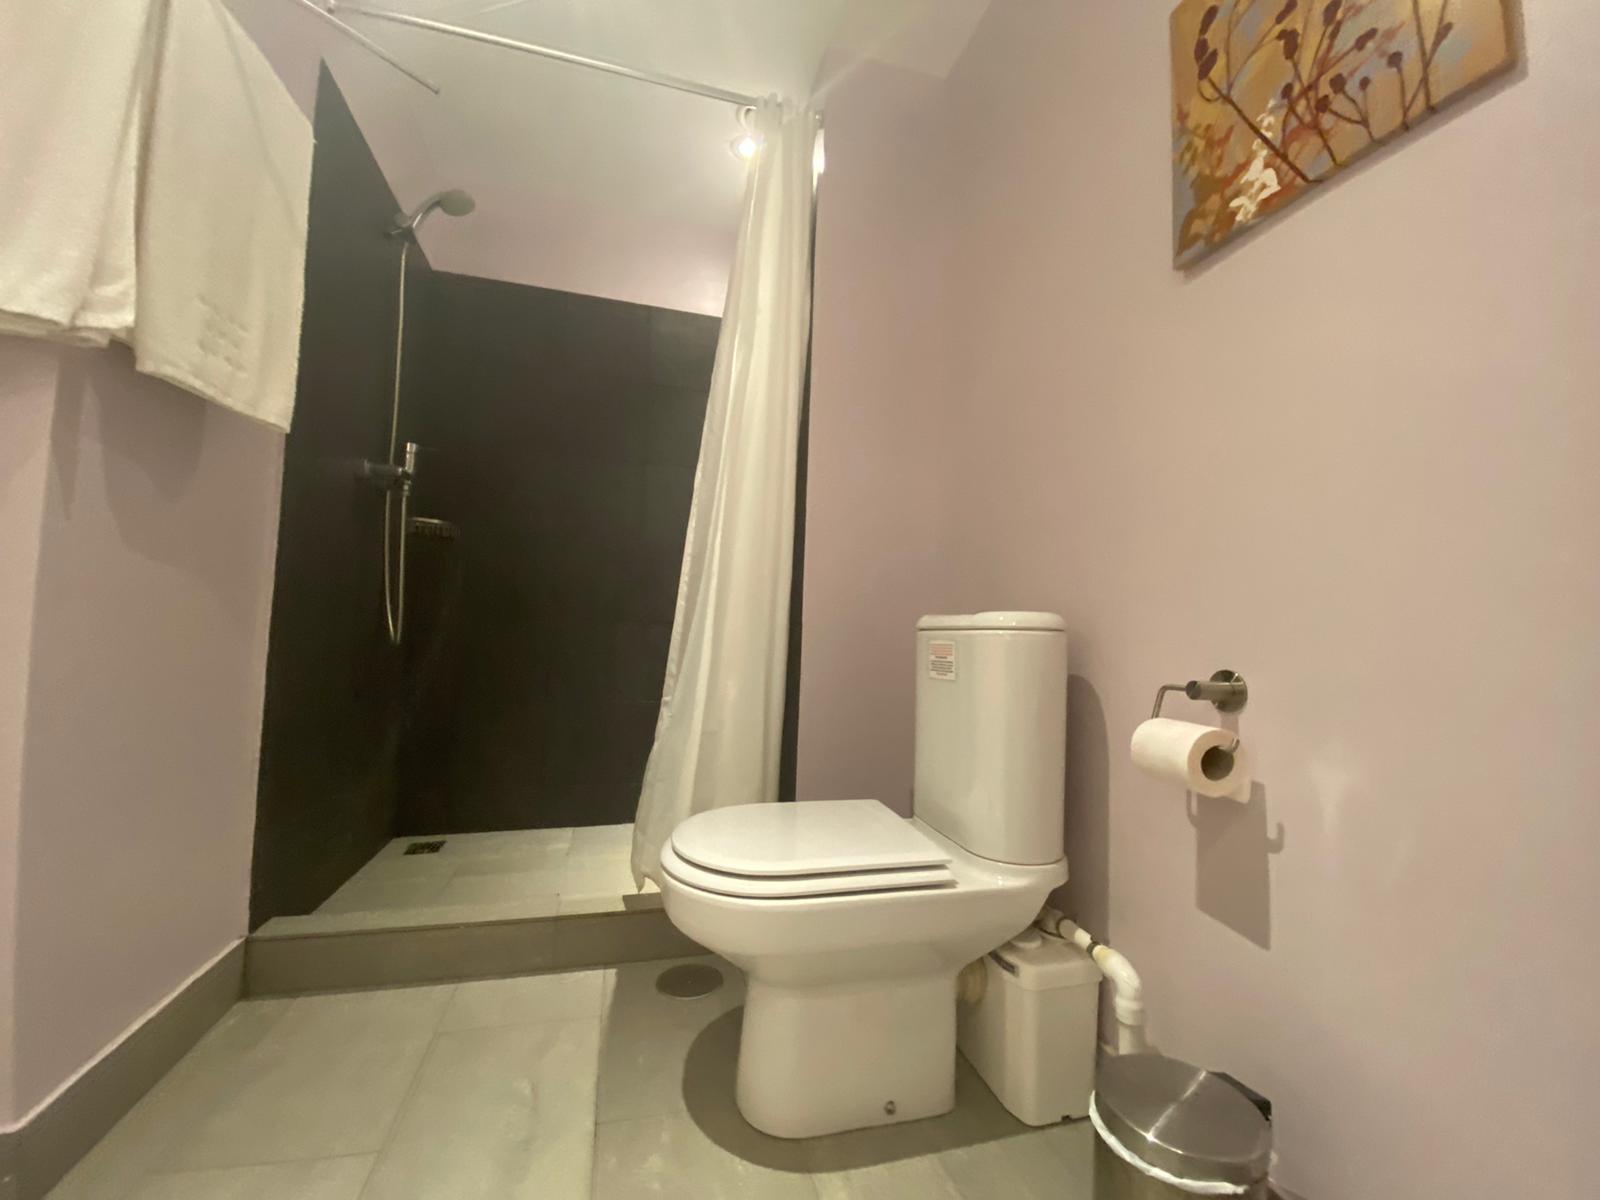 Imagen 14 del Apartamento Turístico, Ático 7 Levante (3d +2b), Punta del Moral (HUELVA), Paseo de la Cruz nº22